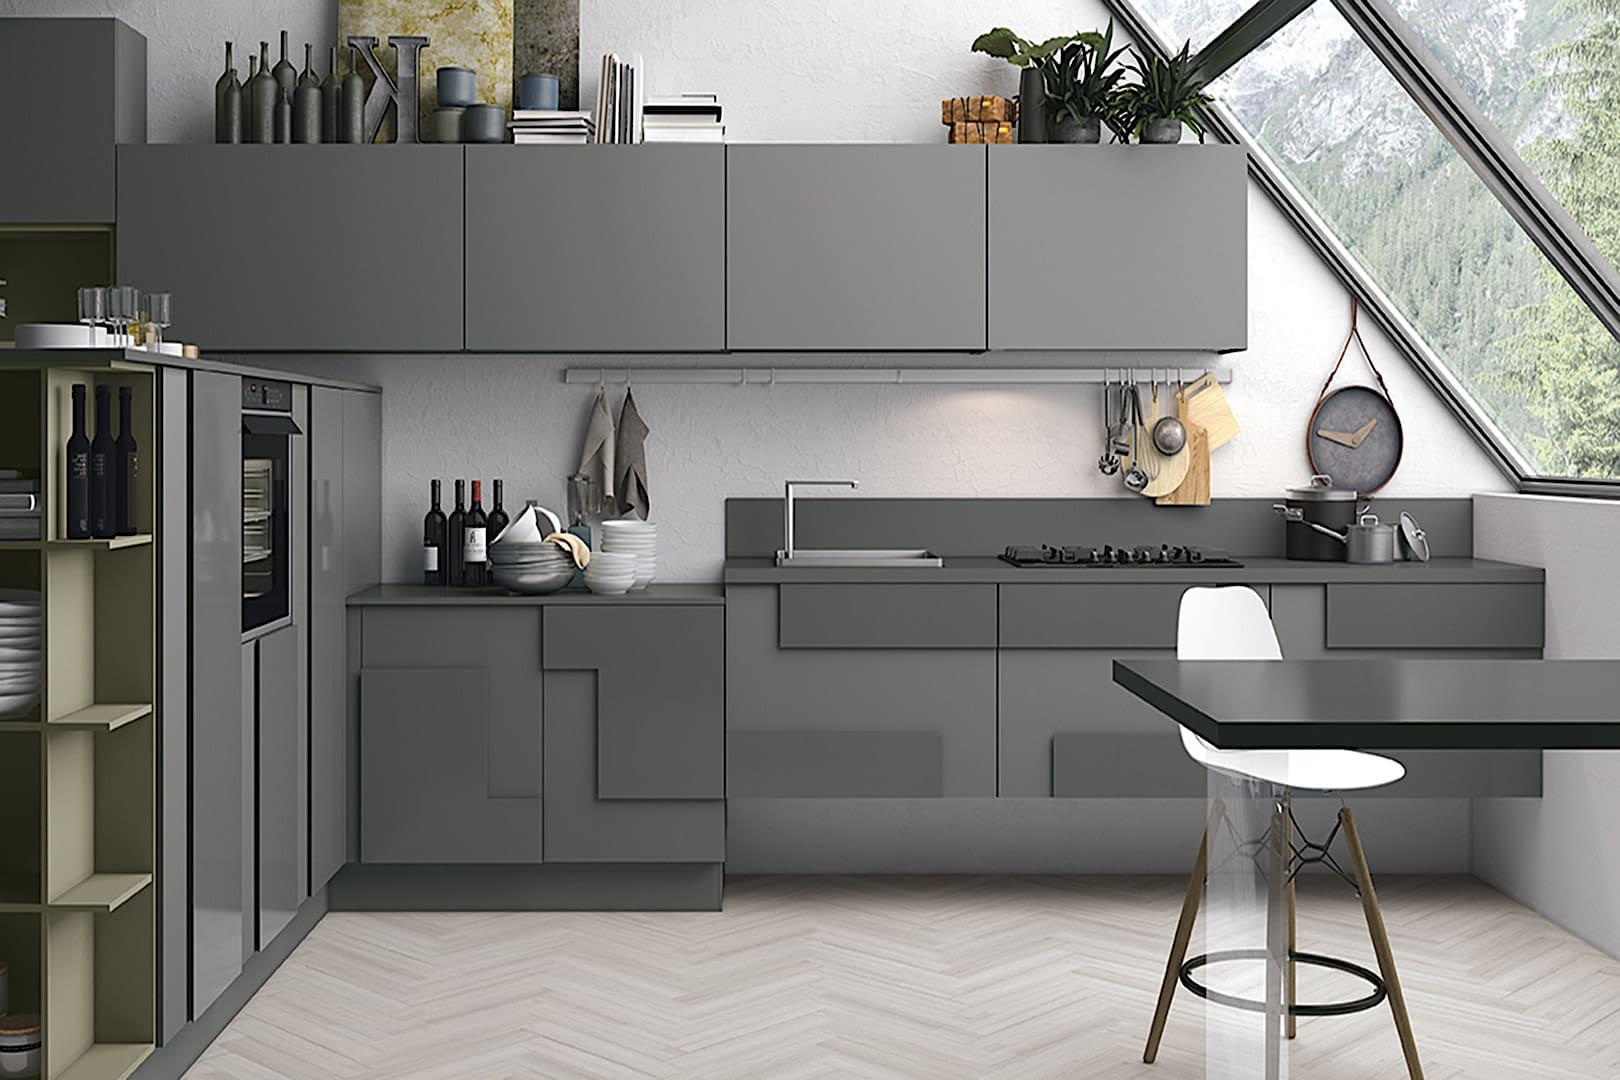 Le concept moderne de minimalisme offre une myriade de finitions élégantes pour les façades de meubles de cuisine.